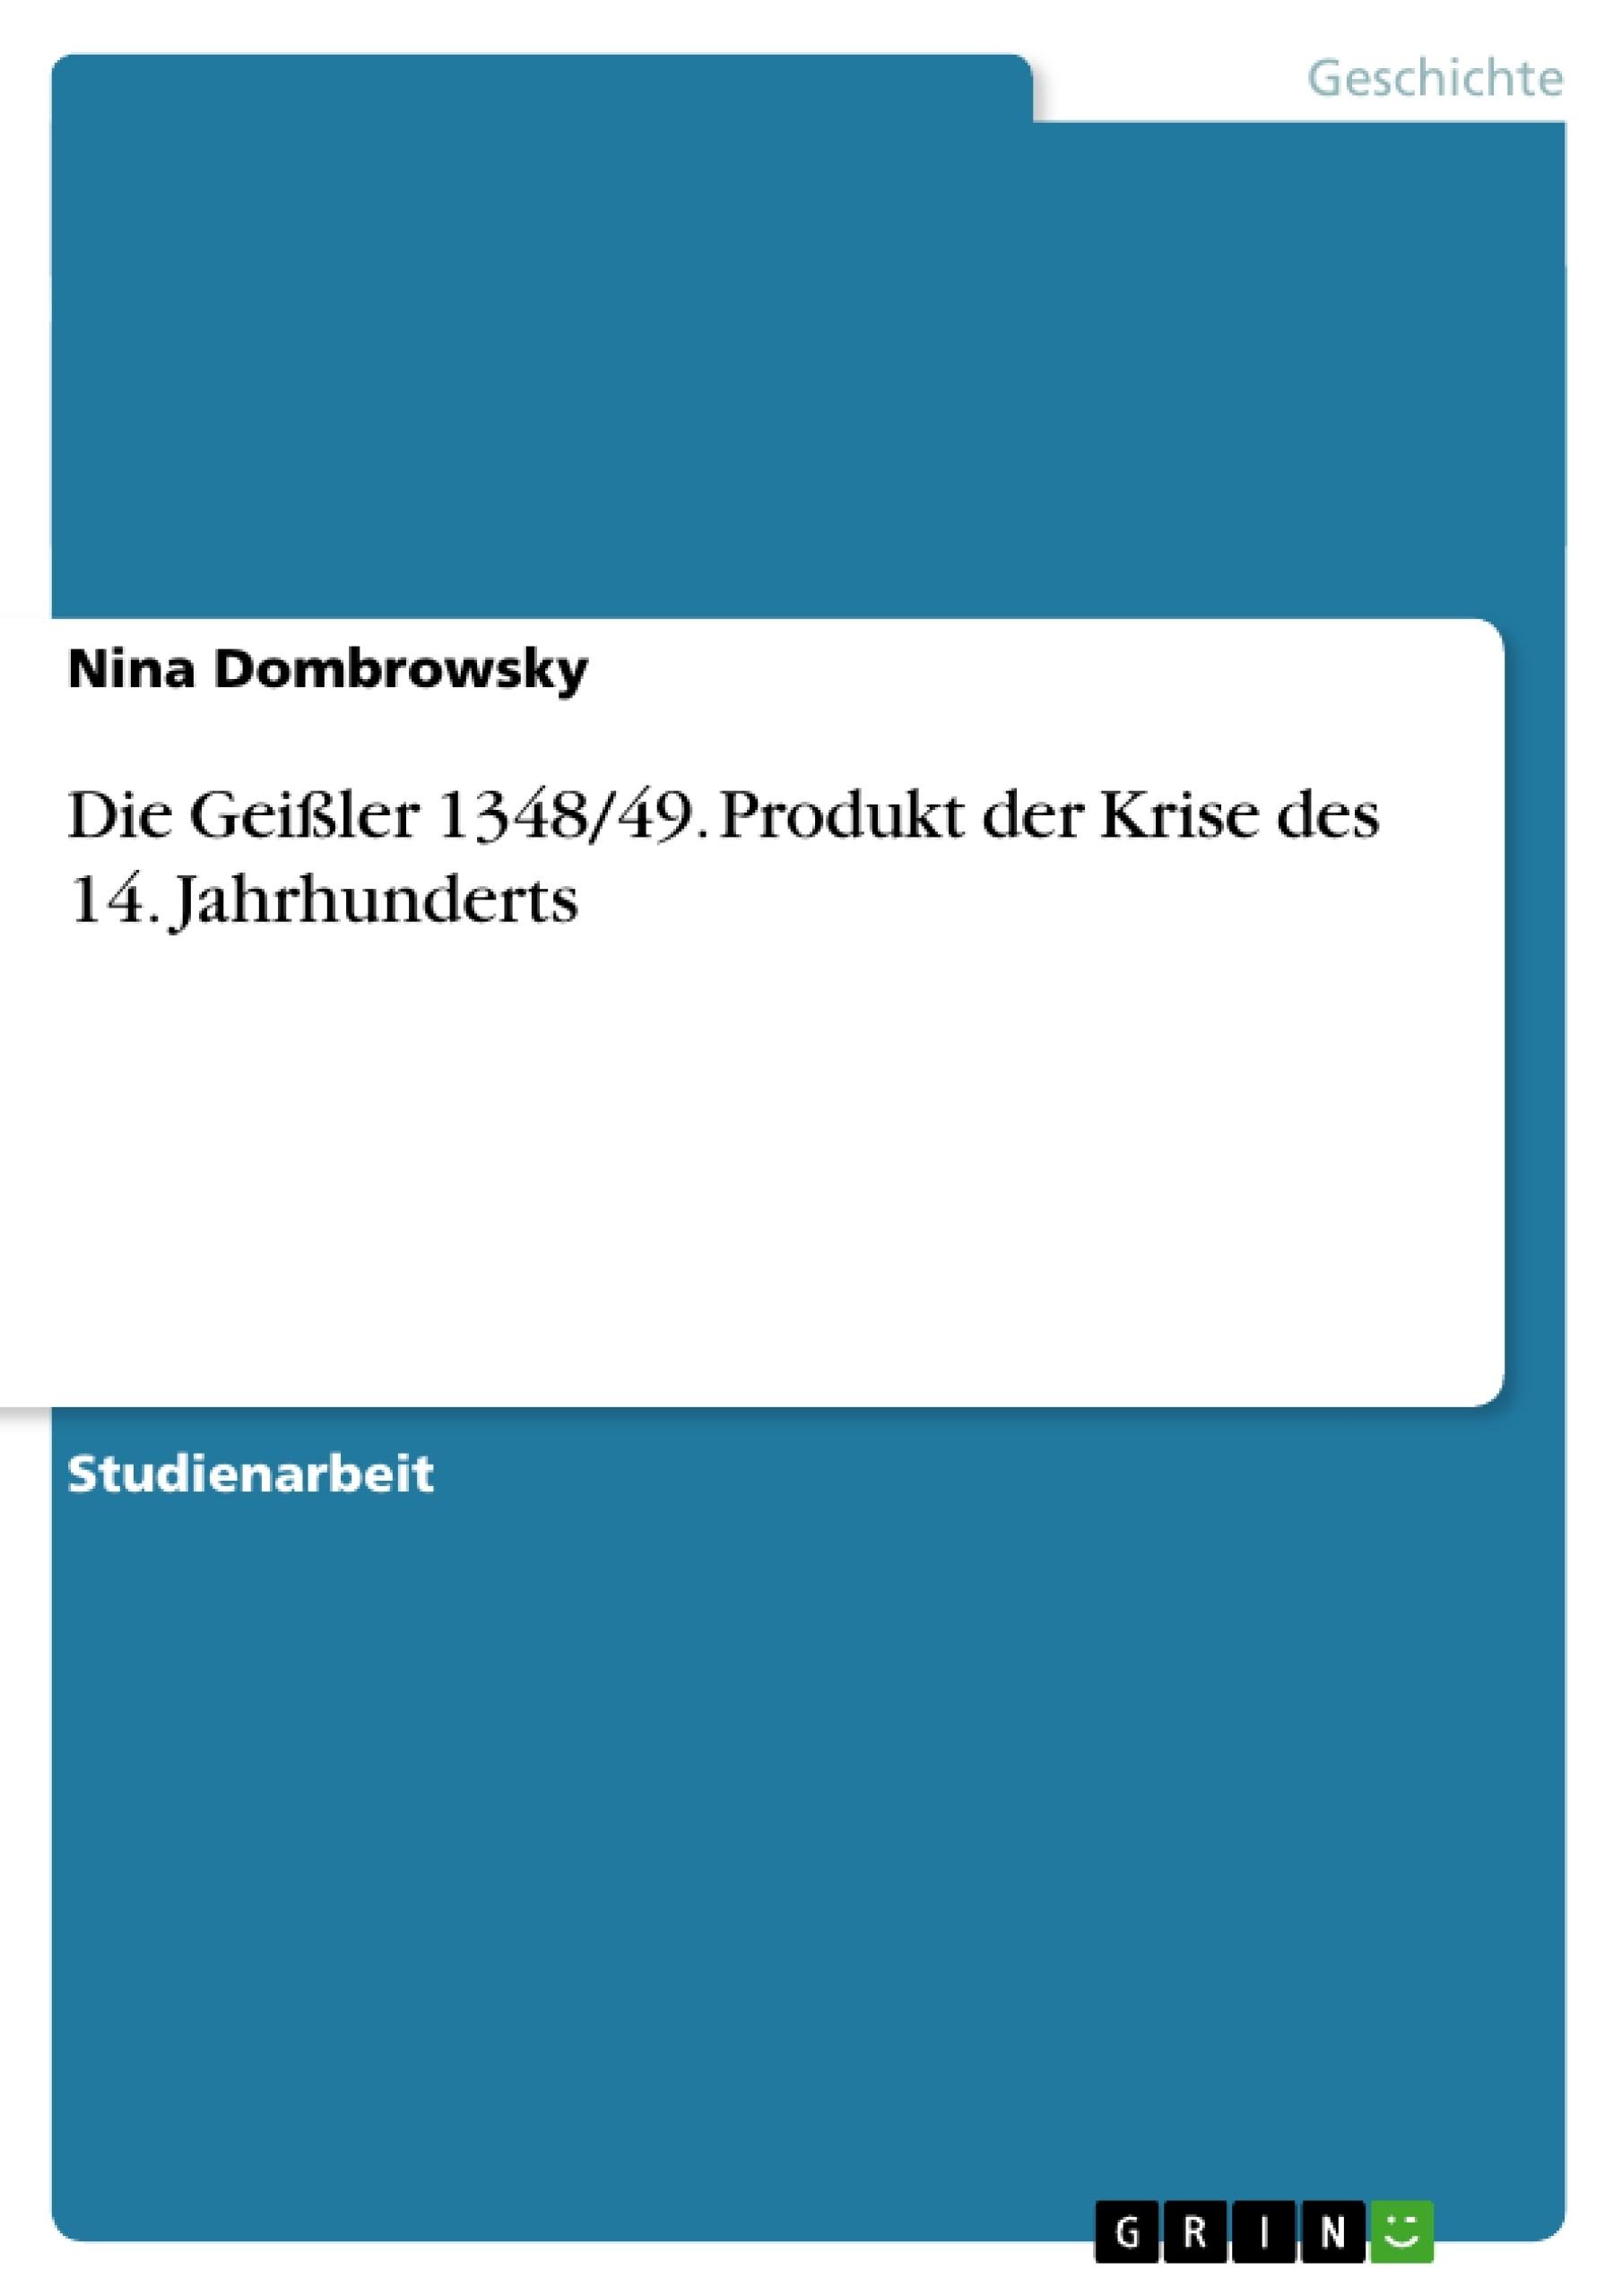 Titel: Die Geißler 1348/49. Produkt der Krise des 14. Jahrhunderts